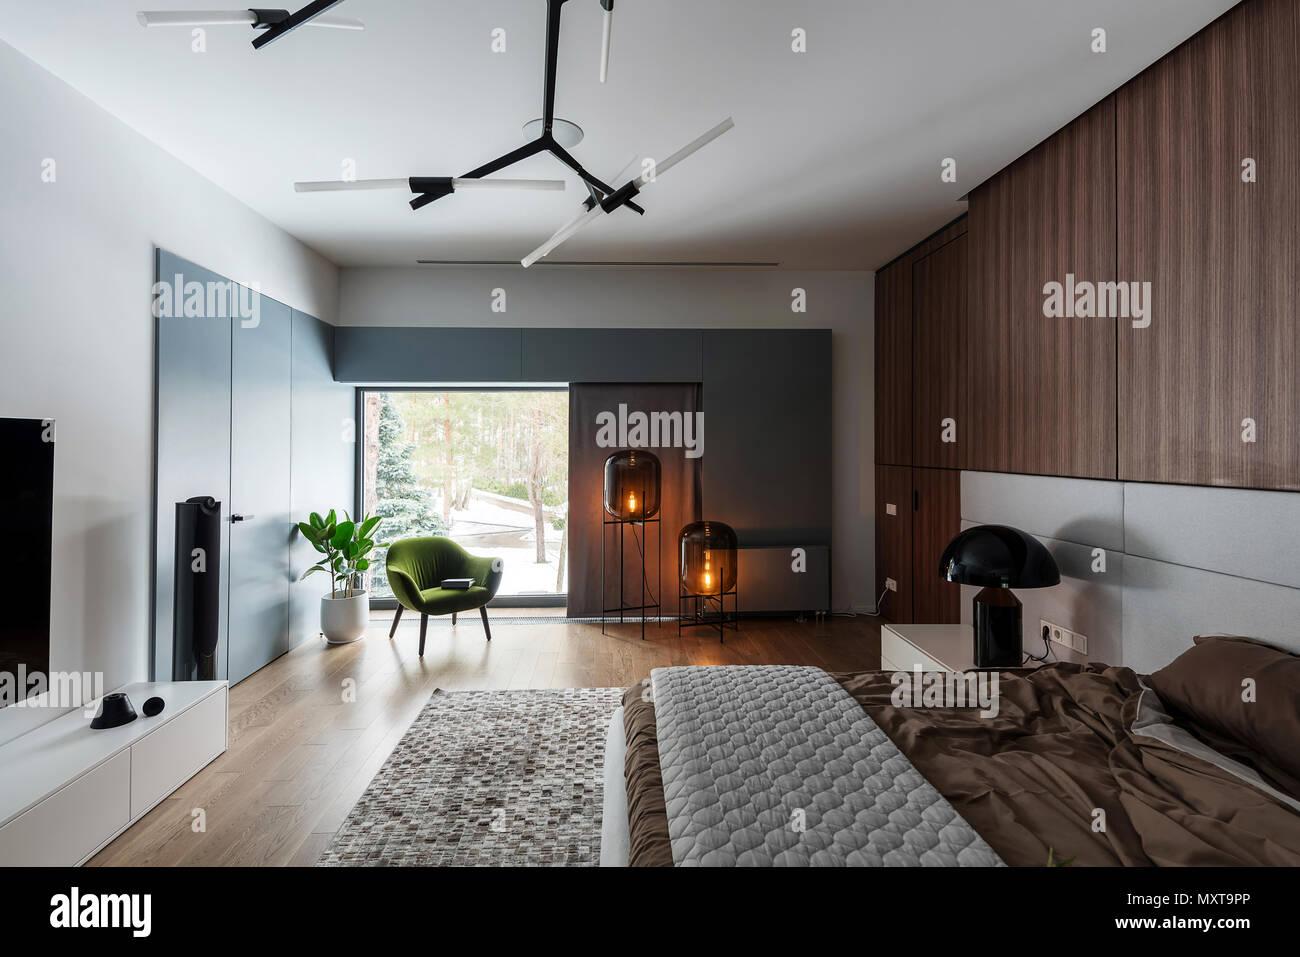 Pavimenti Camere Da Letto Moderne camere da letto moderne con pareti bianche e pavimenti in